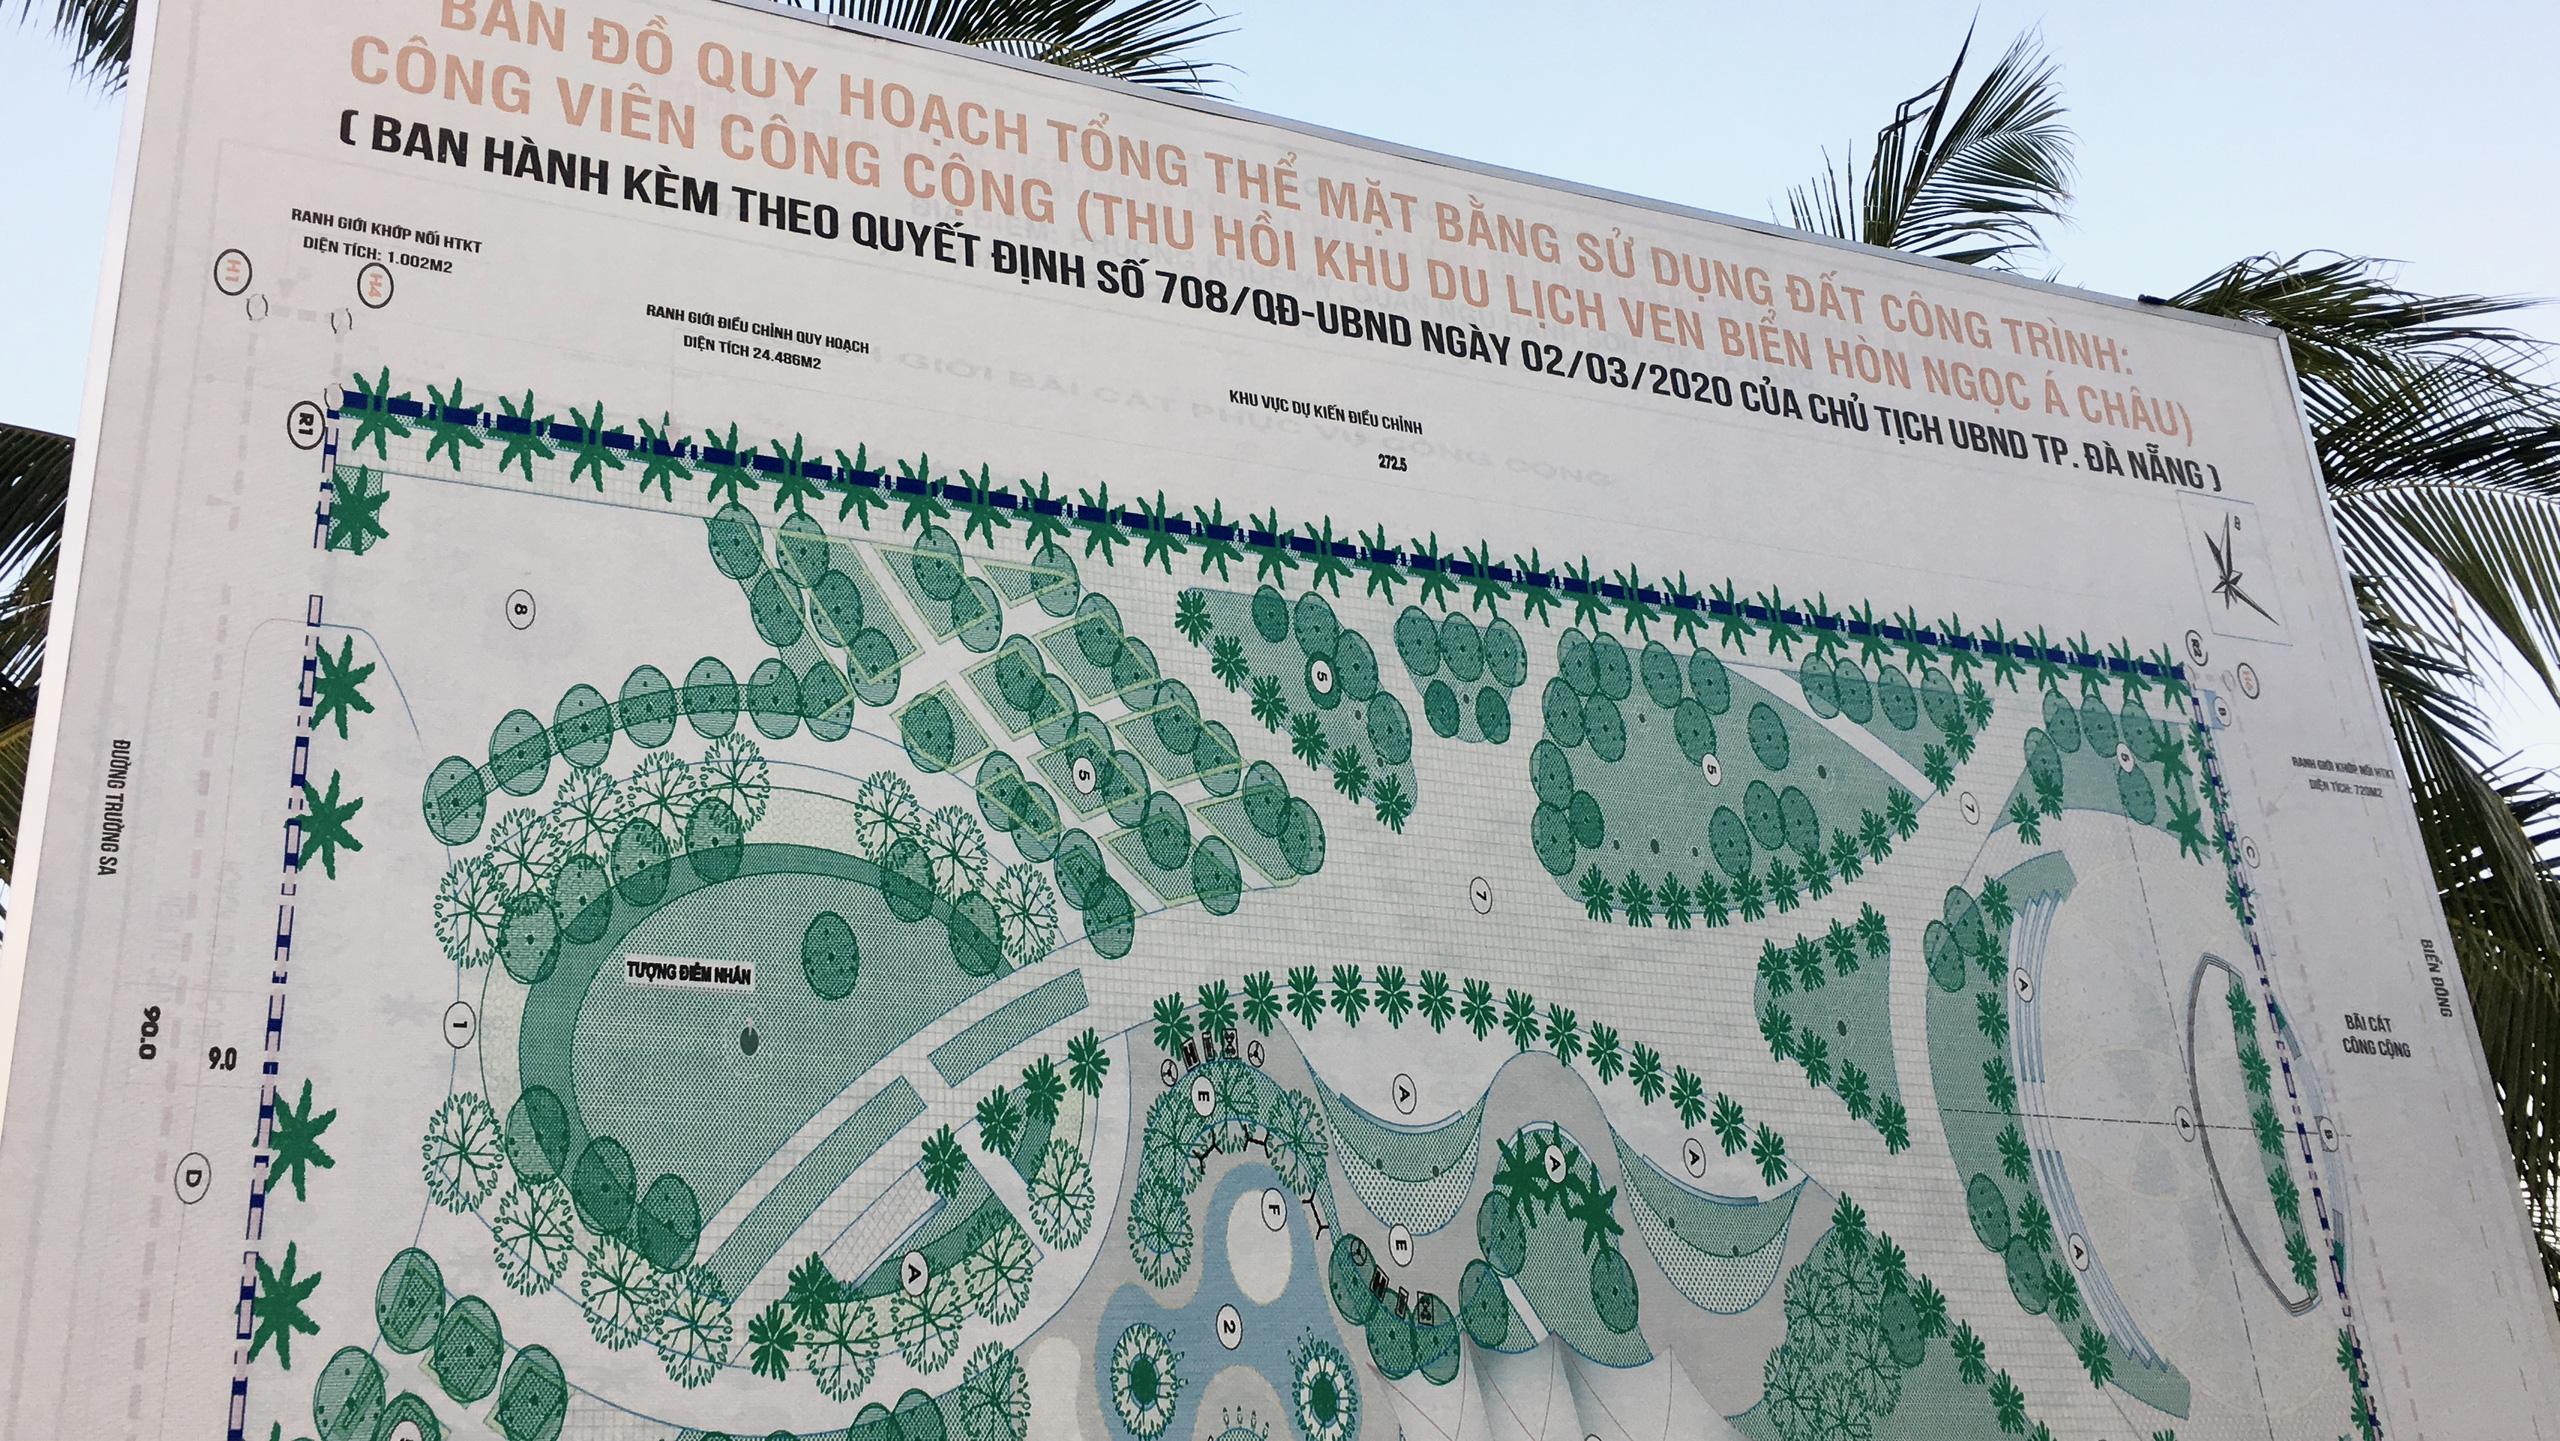 Dự án hơn 12 ha ven biển Đà Nẵng mà Công ty của vợ chồng Chủ tịch VNDirect muốn rút đầu tư hiện đang bỏ hoang - Ảnh 13.